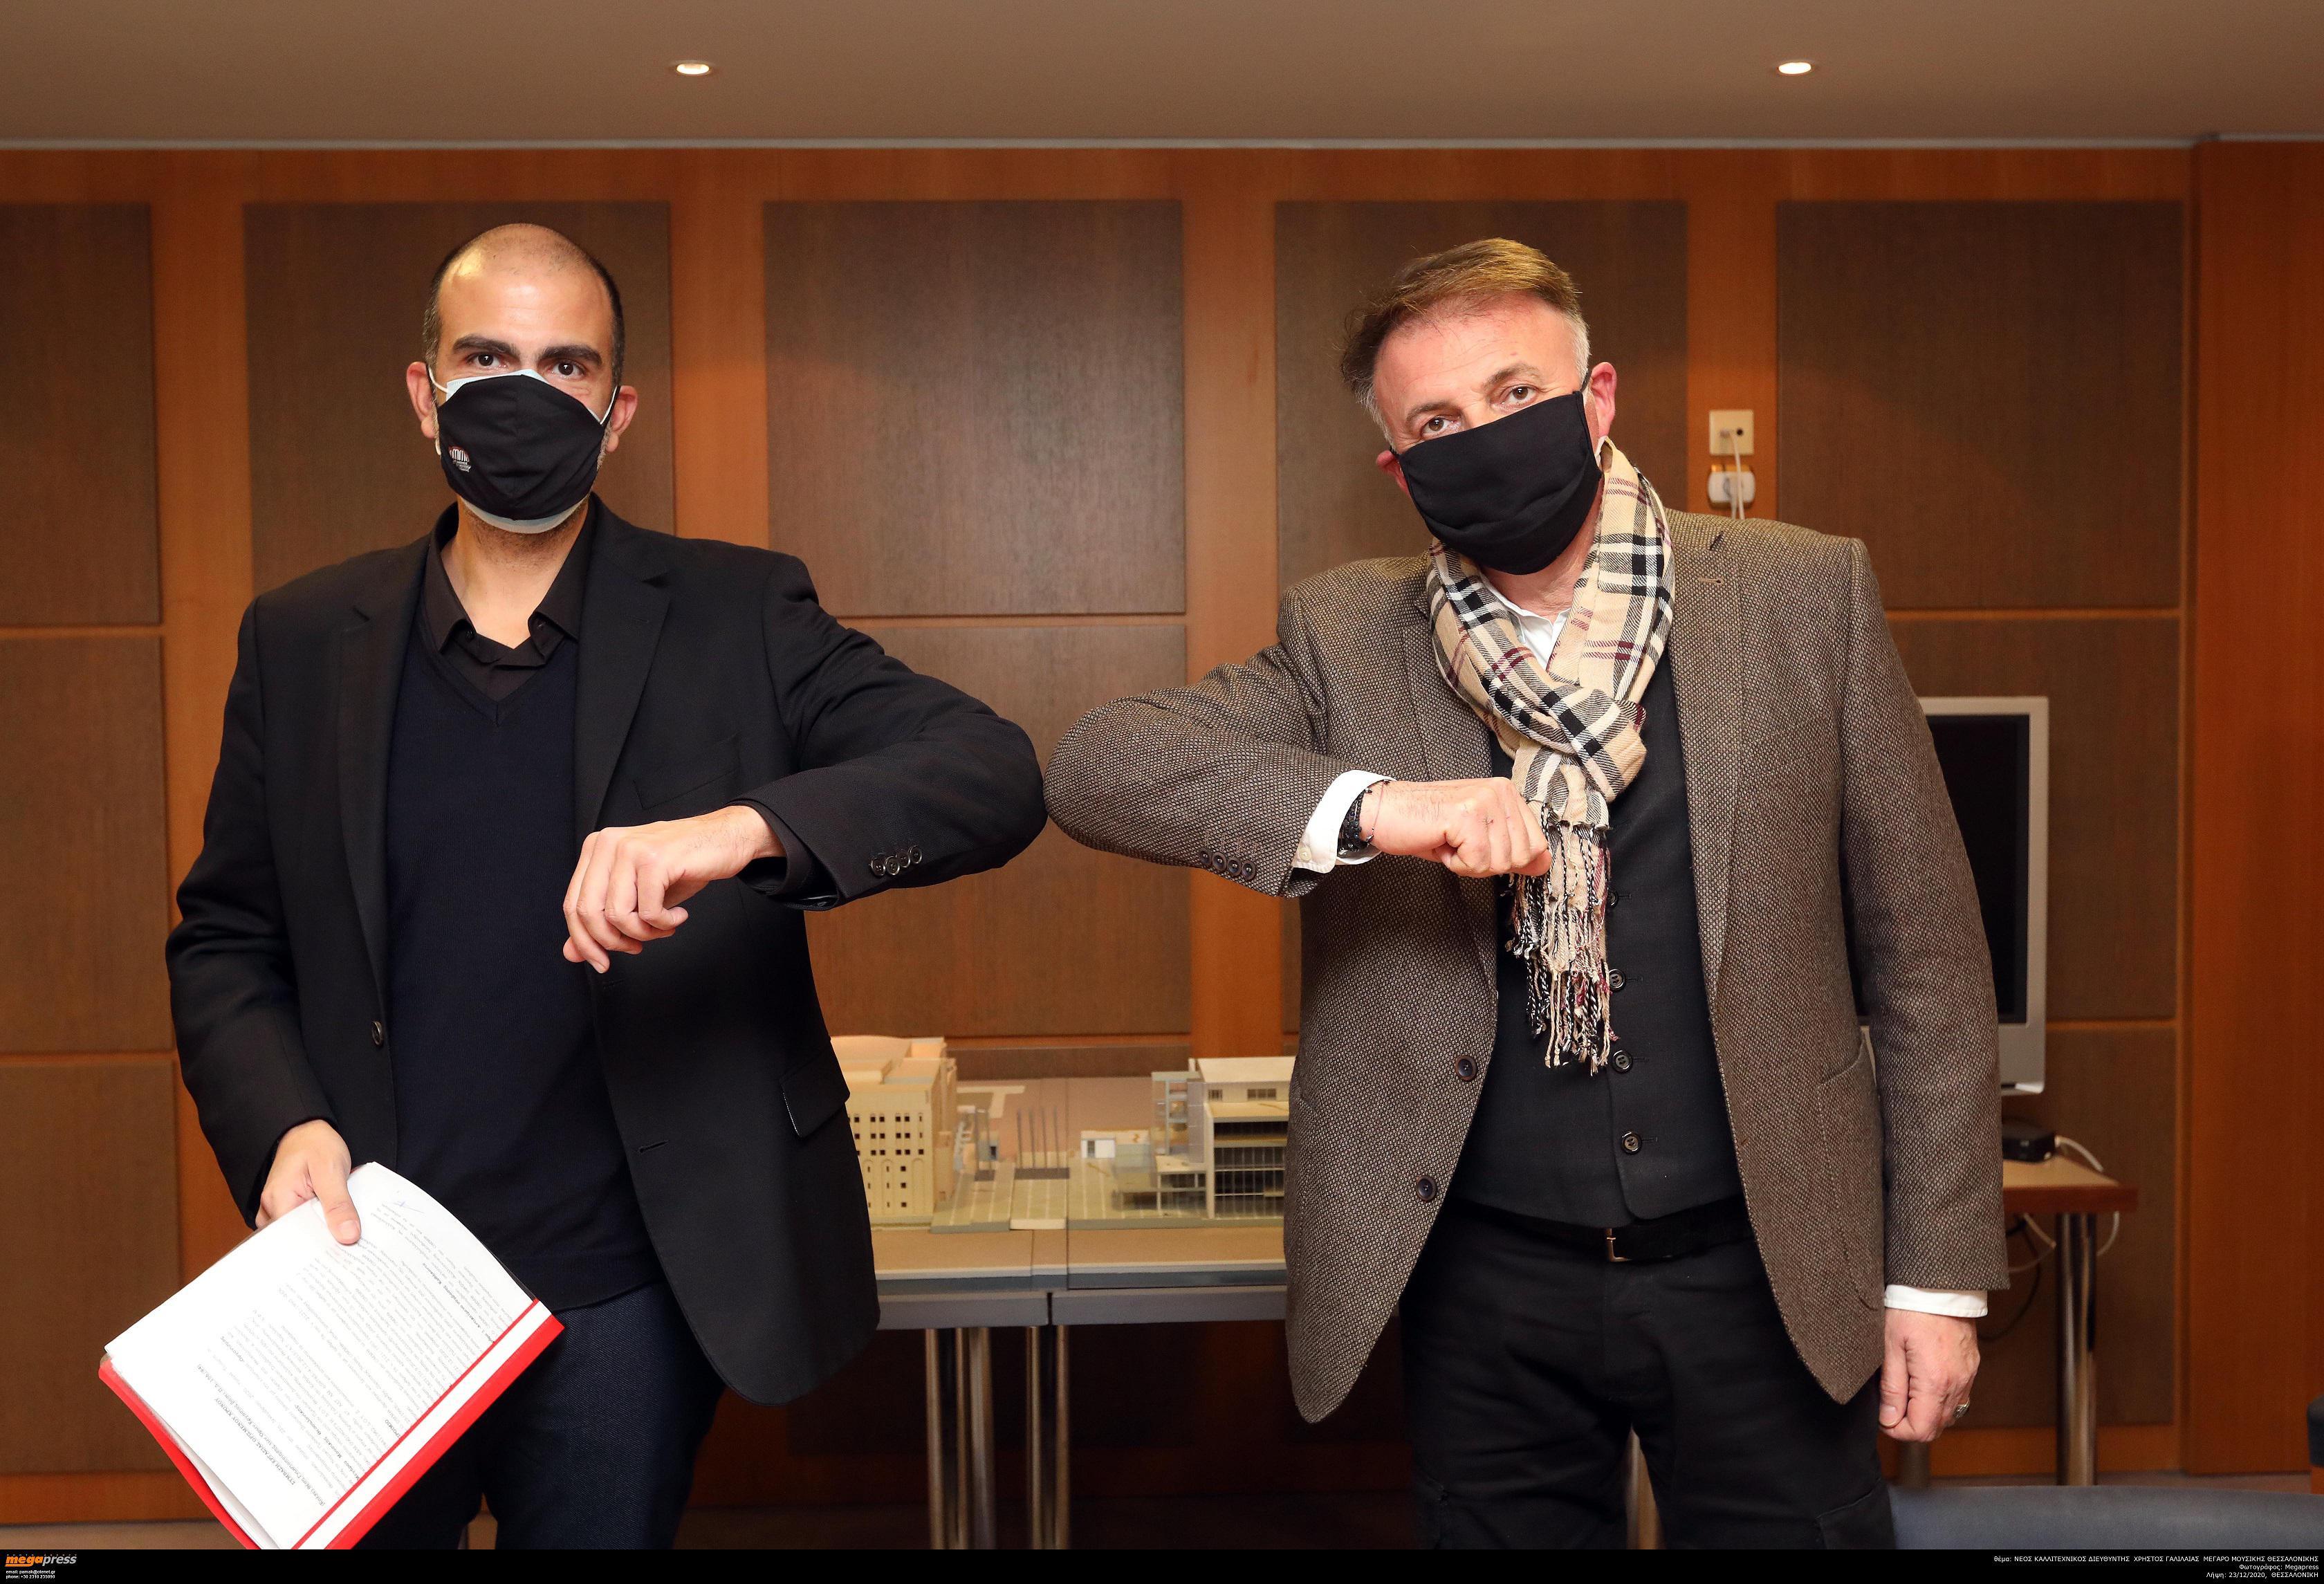 Ο νέος καλλιτεχνικός διευθυντής του Μεγάρου Μουσικής Θεσσαλονίκης Χρίστος Γαλιλαίας (αριστερά) και ο πρόεδρος του Δ.Σ. του ΟΜΜΘ Βασίλης Γάκης (δεξιά)